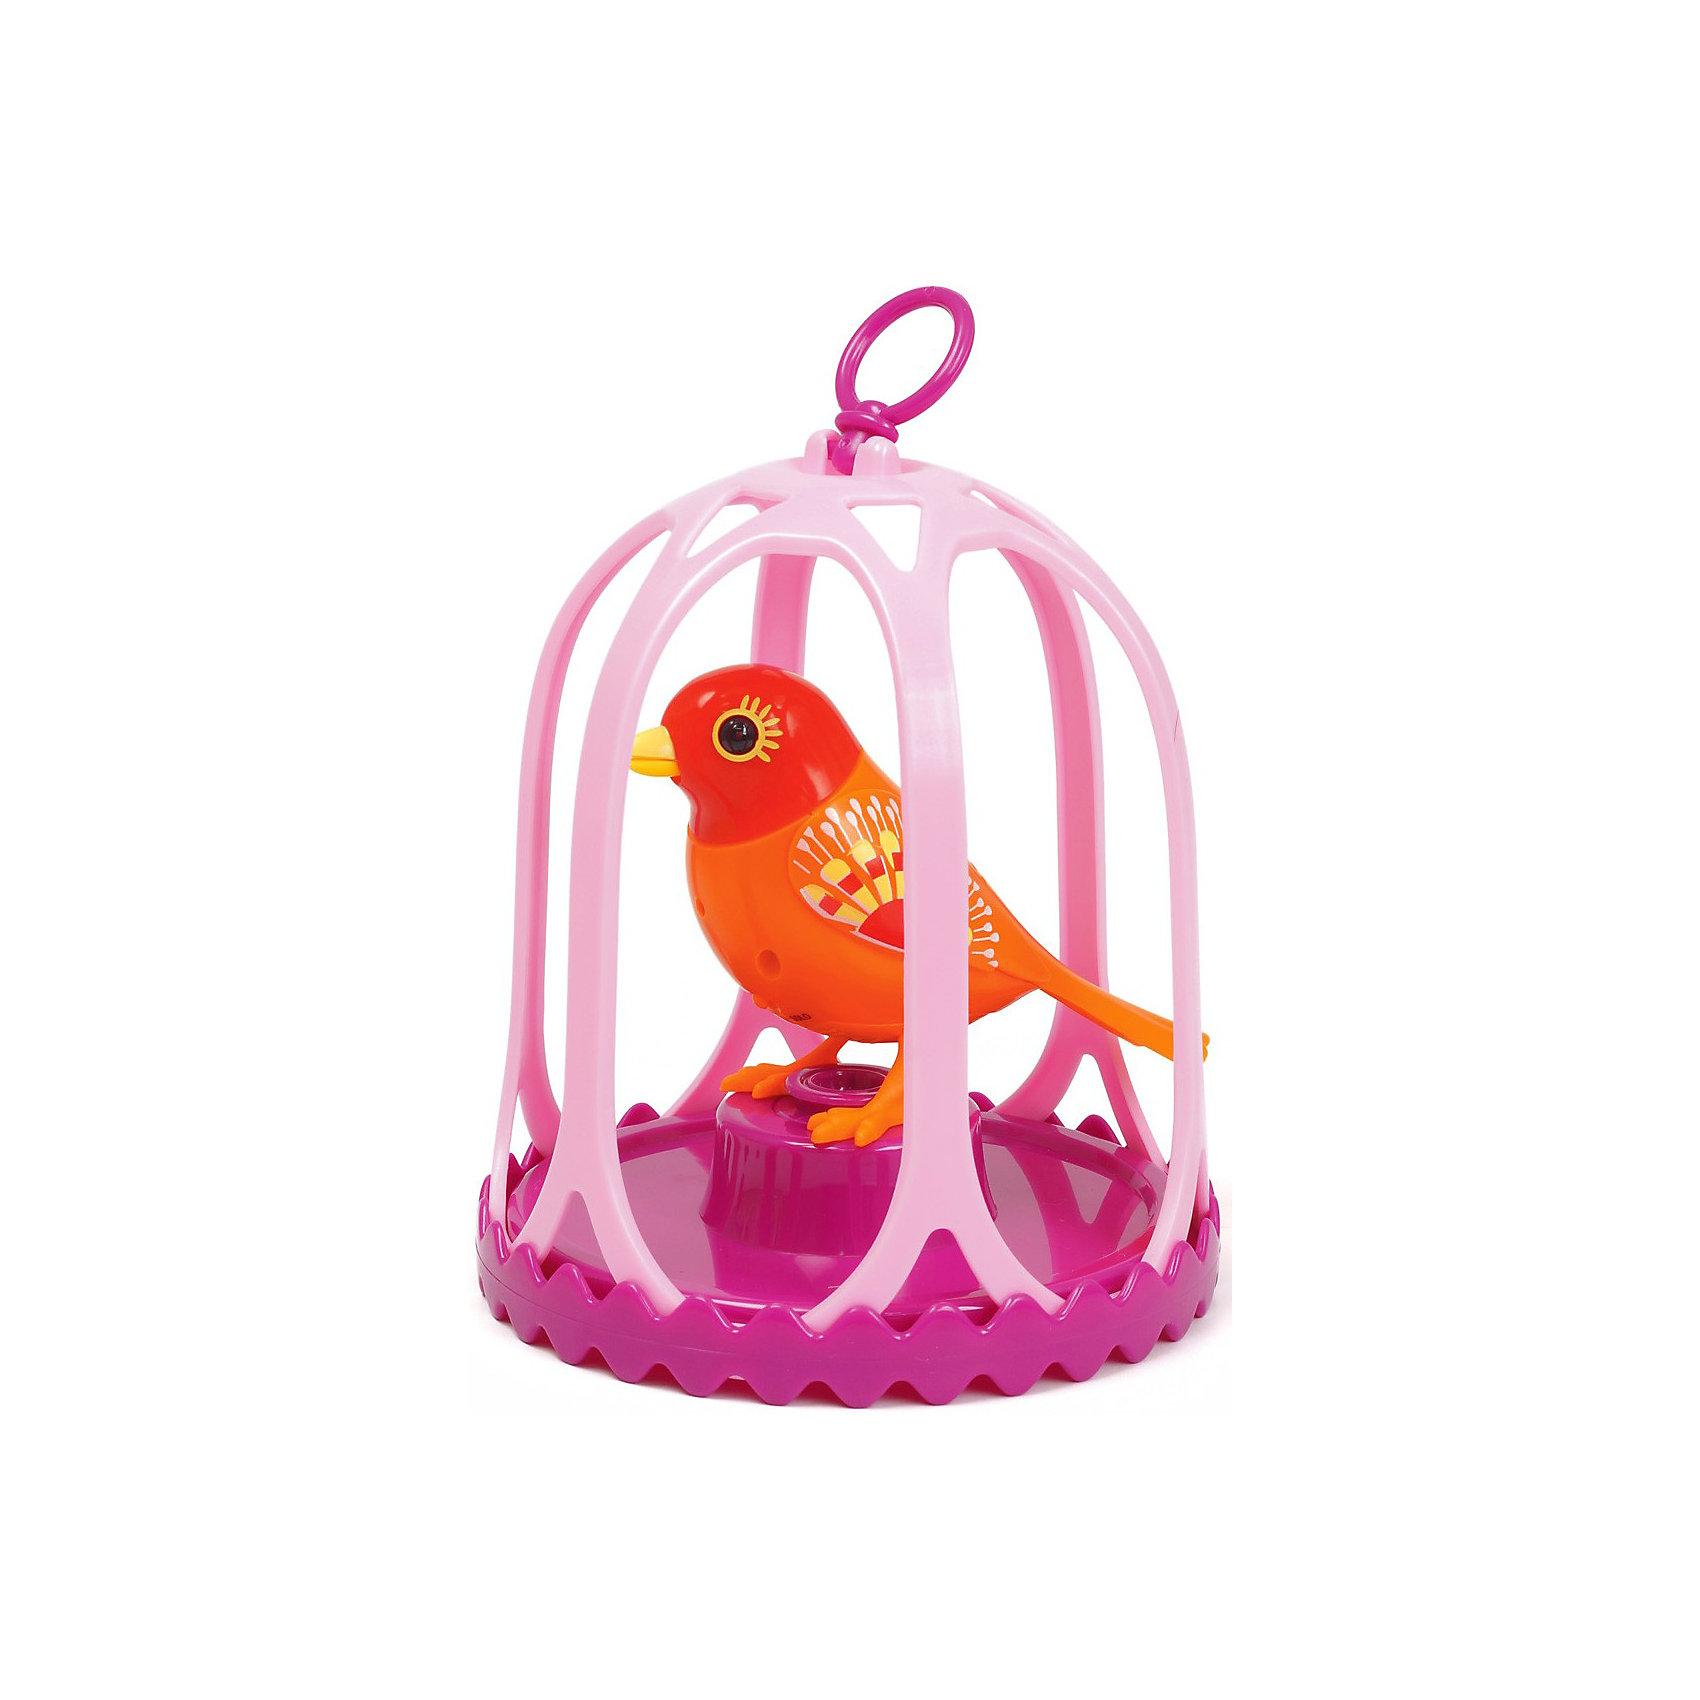 Поющая птичка в клетке DigiBirds, в ассортименте